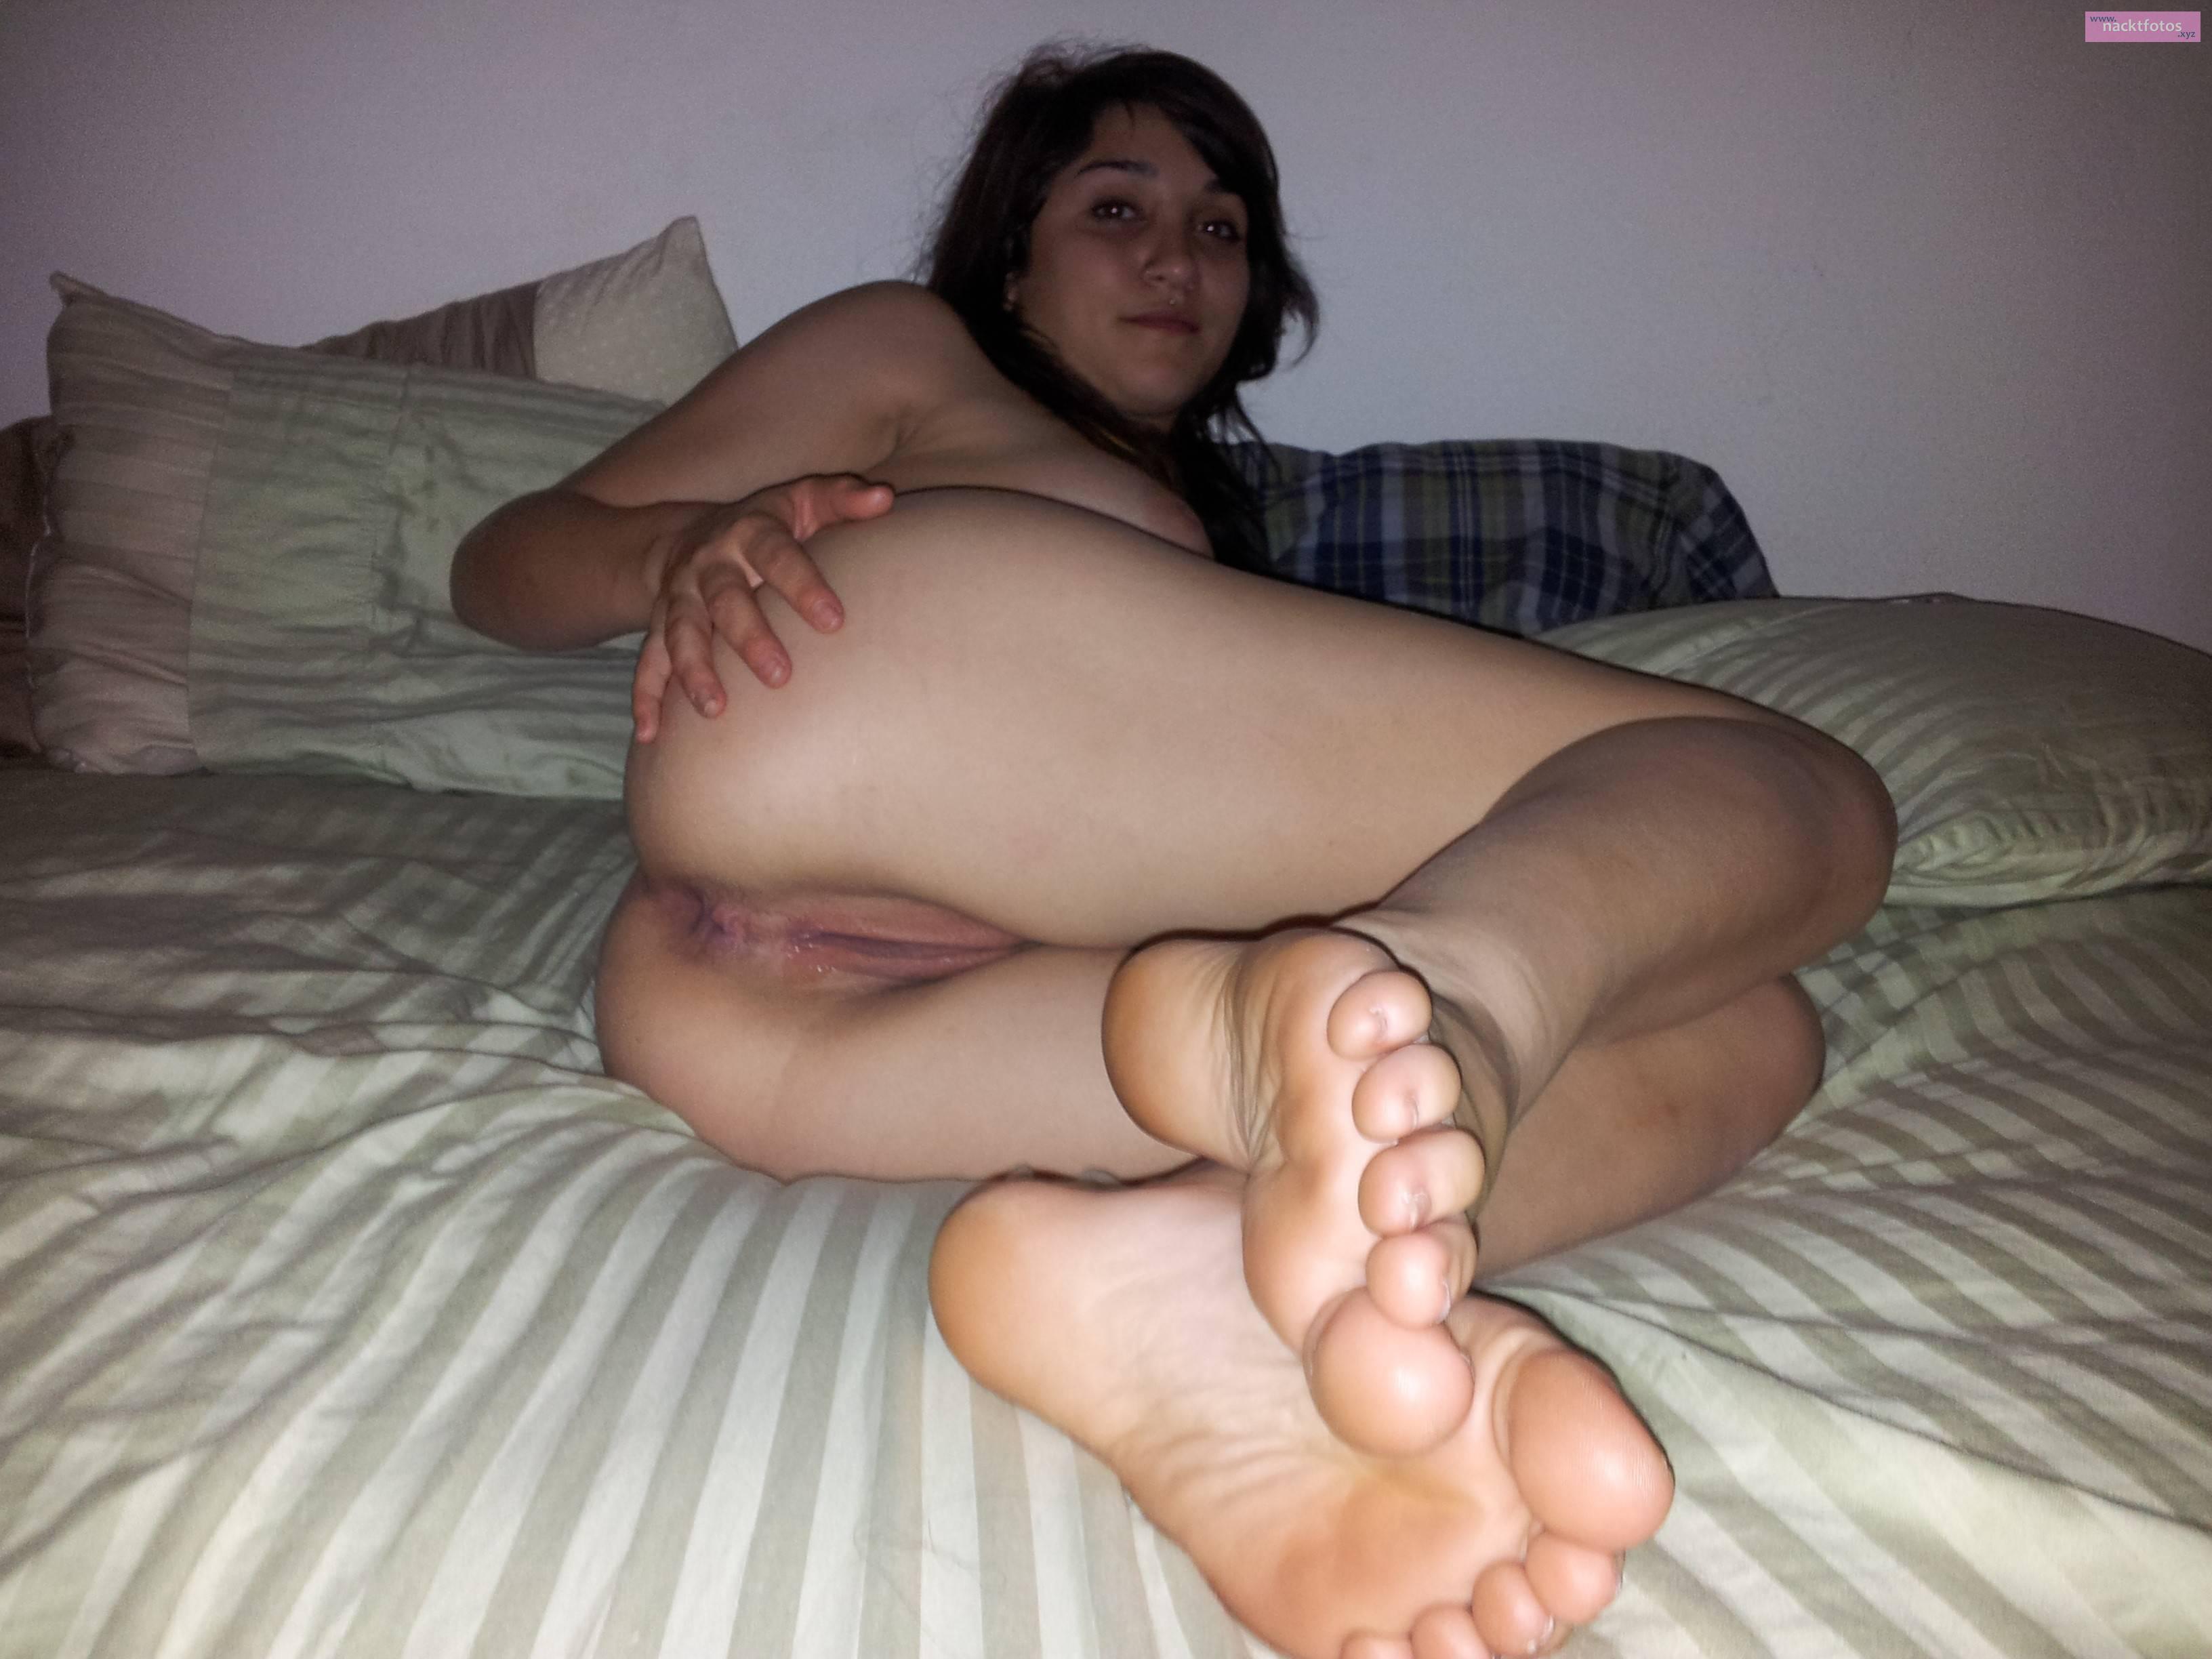 vagina pump lesben chat ohne anmeldung